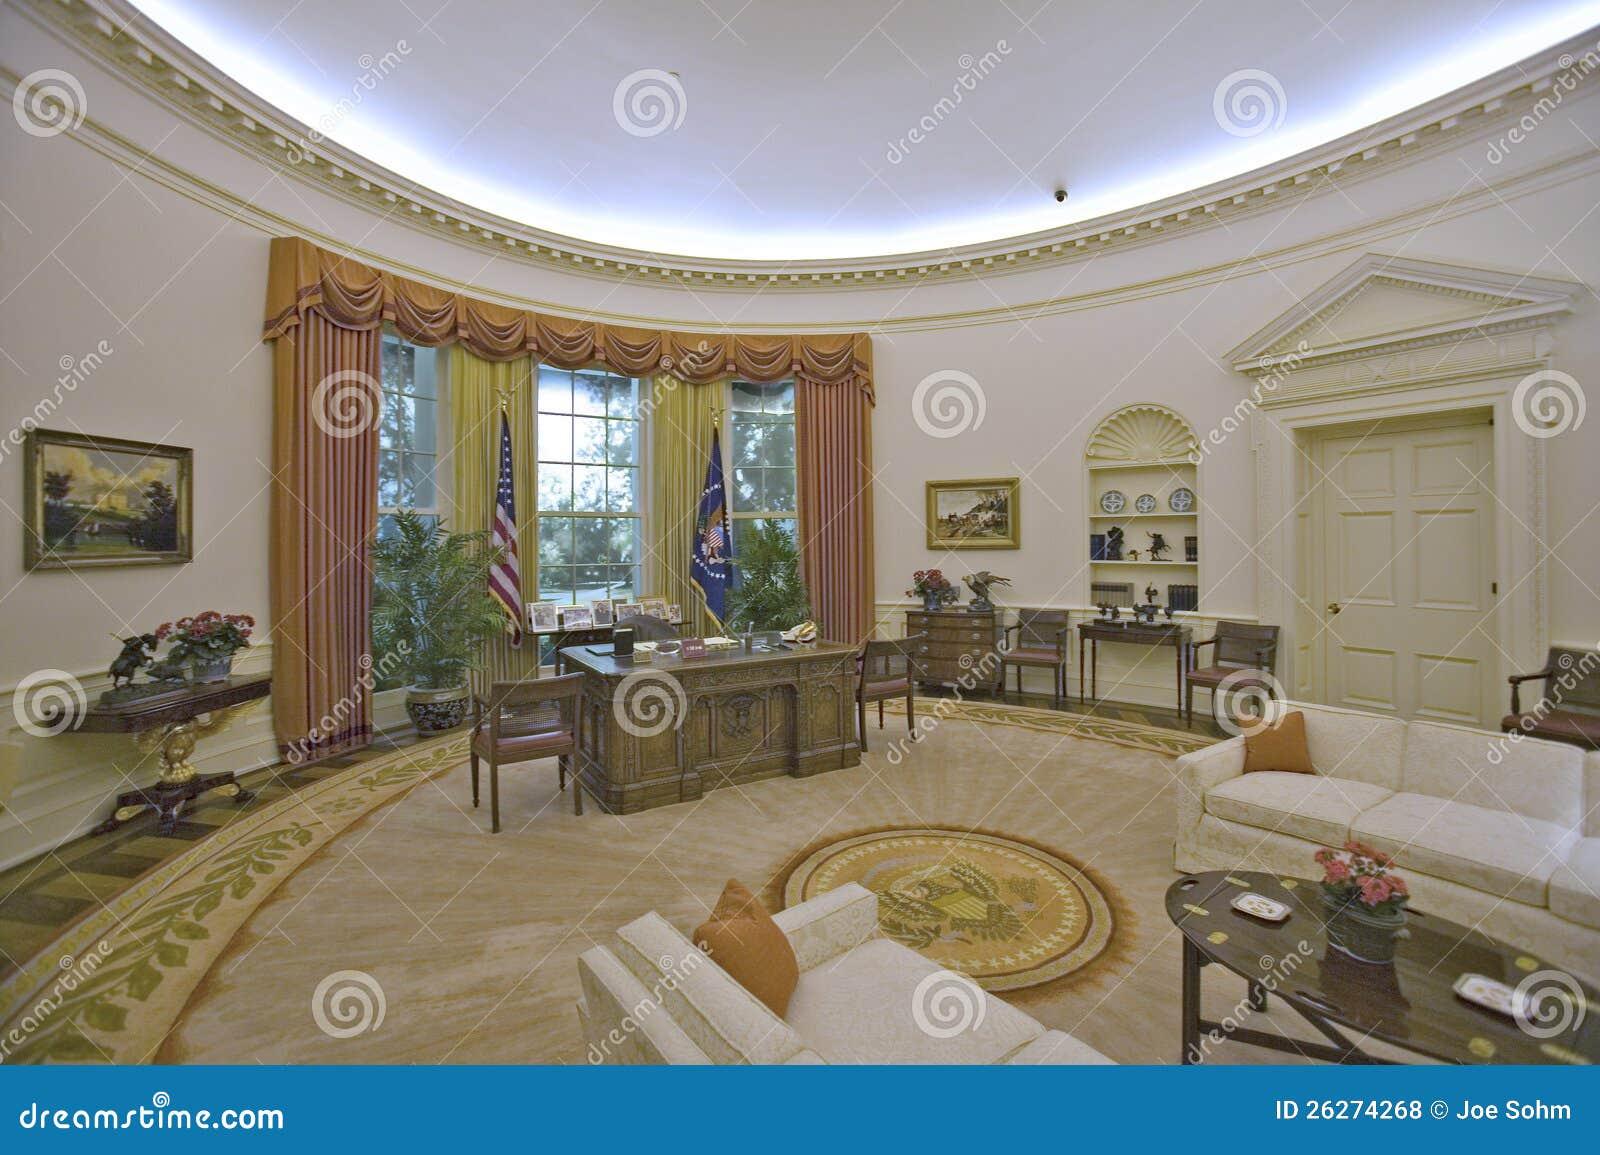 Reproduction du bureau d 39 ovale de la maison blanche photo stock ditorial image du ronald d0 for Bureau ovale